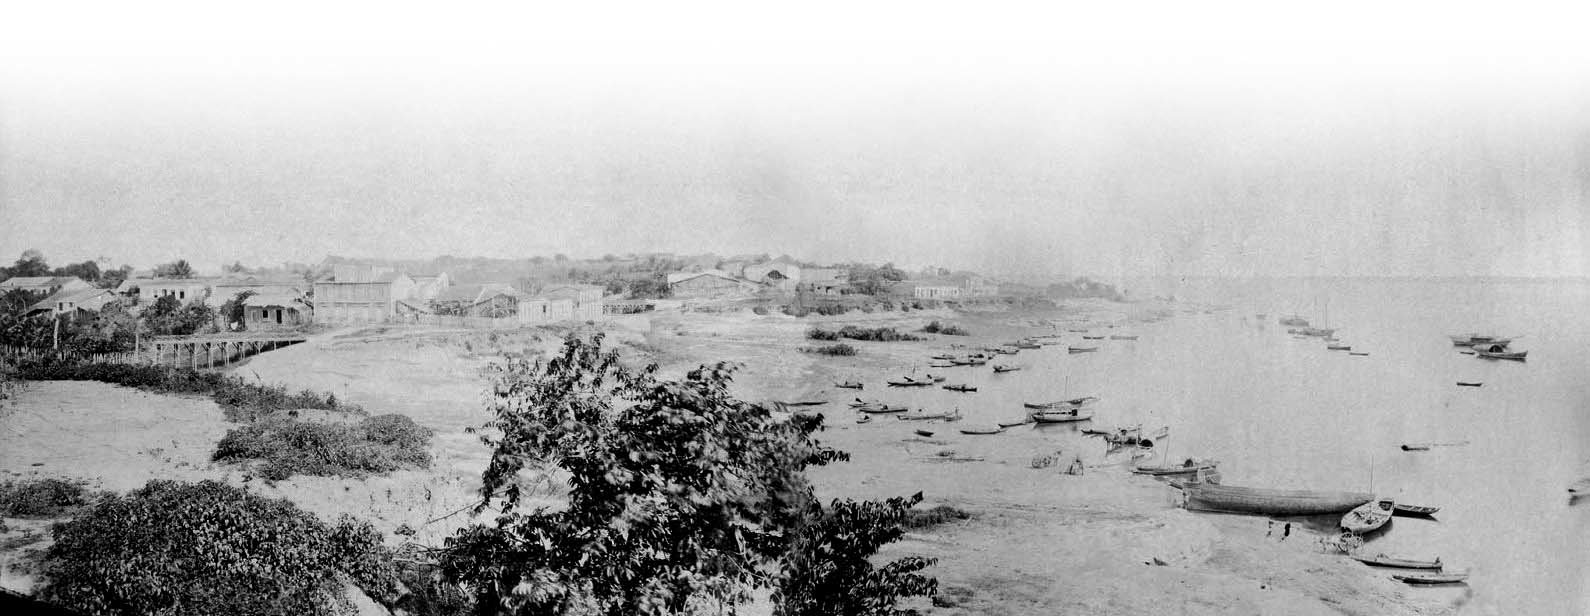 Vista da beira de um rio - Instituto Durango Duarte